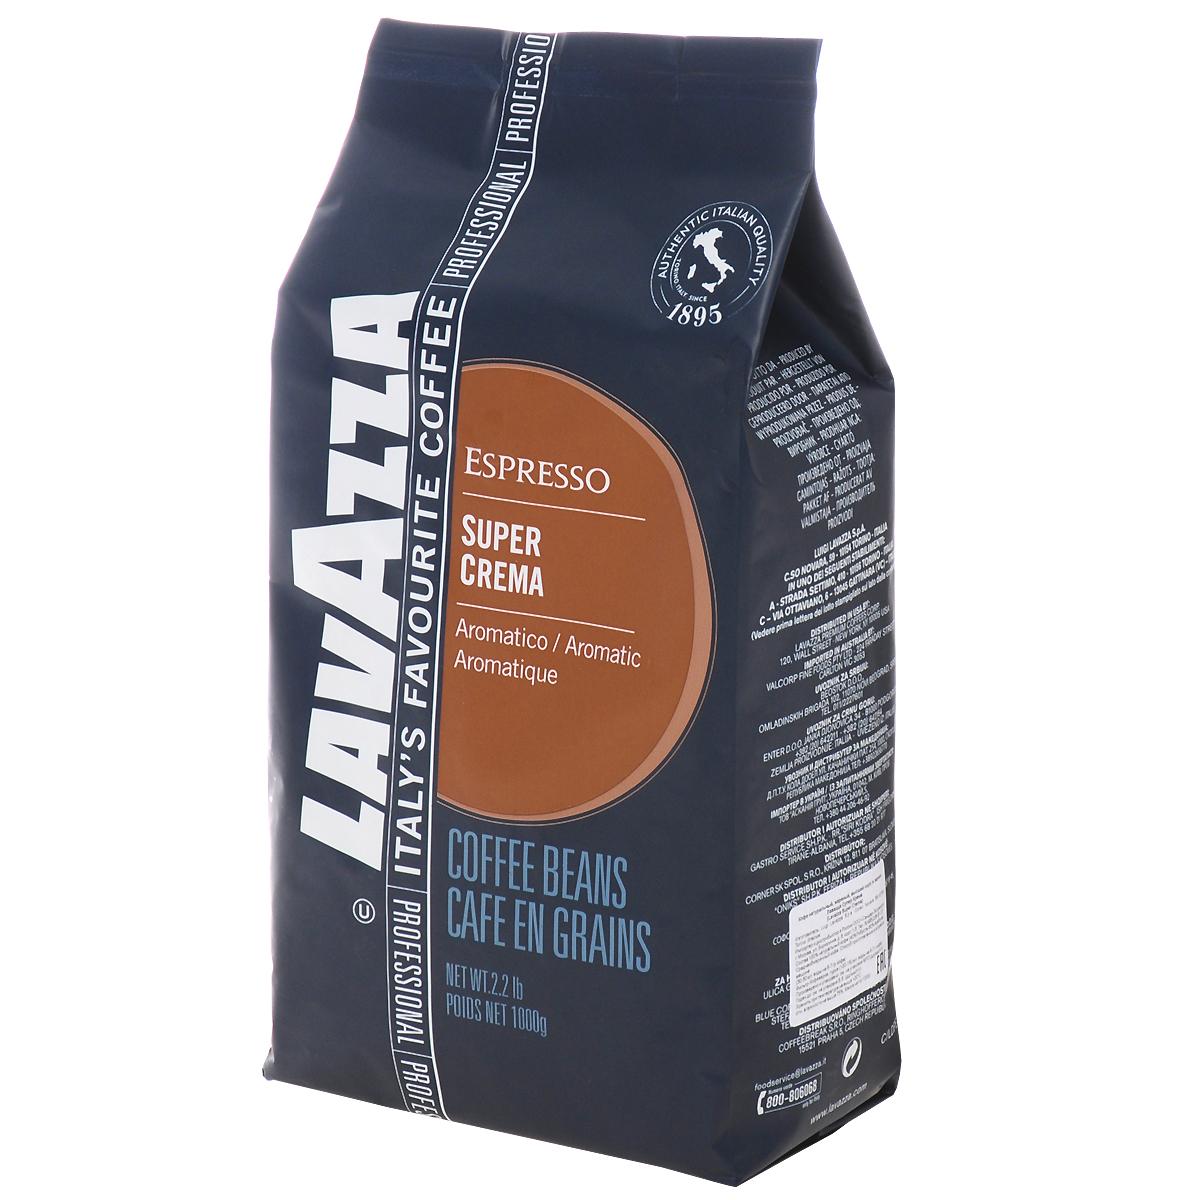 Lavazza Super Crema кофе в зернах, 1 кг0120710Бленд кофе Lavazza Super Crema с бархатистой пенкой и стойким ароматом меда и миндаля для легкого и сливочного кофе эспрессо.